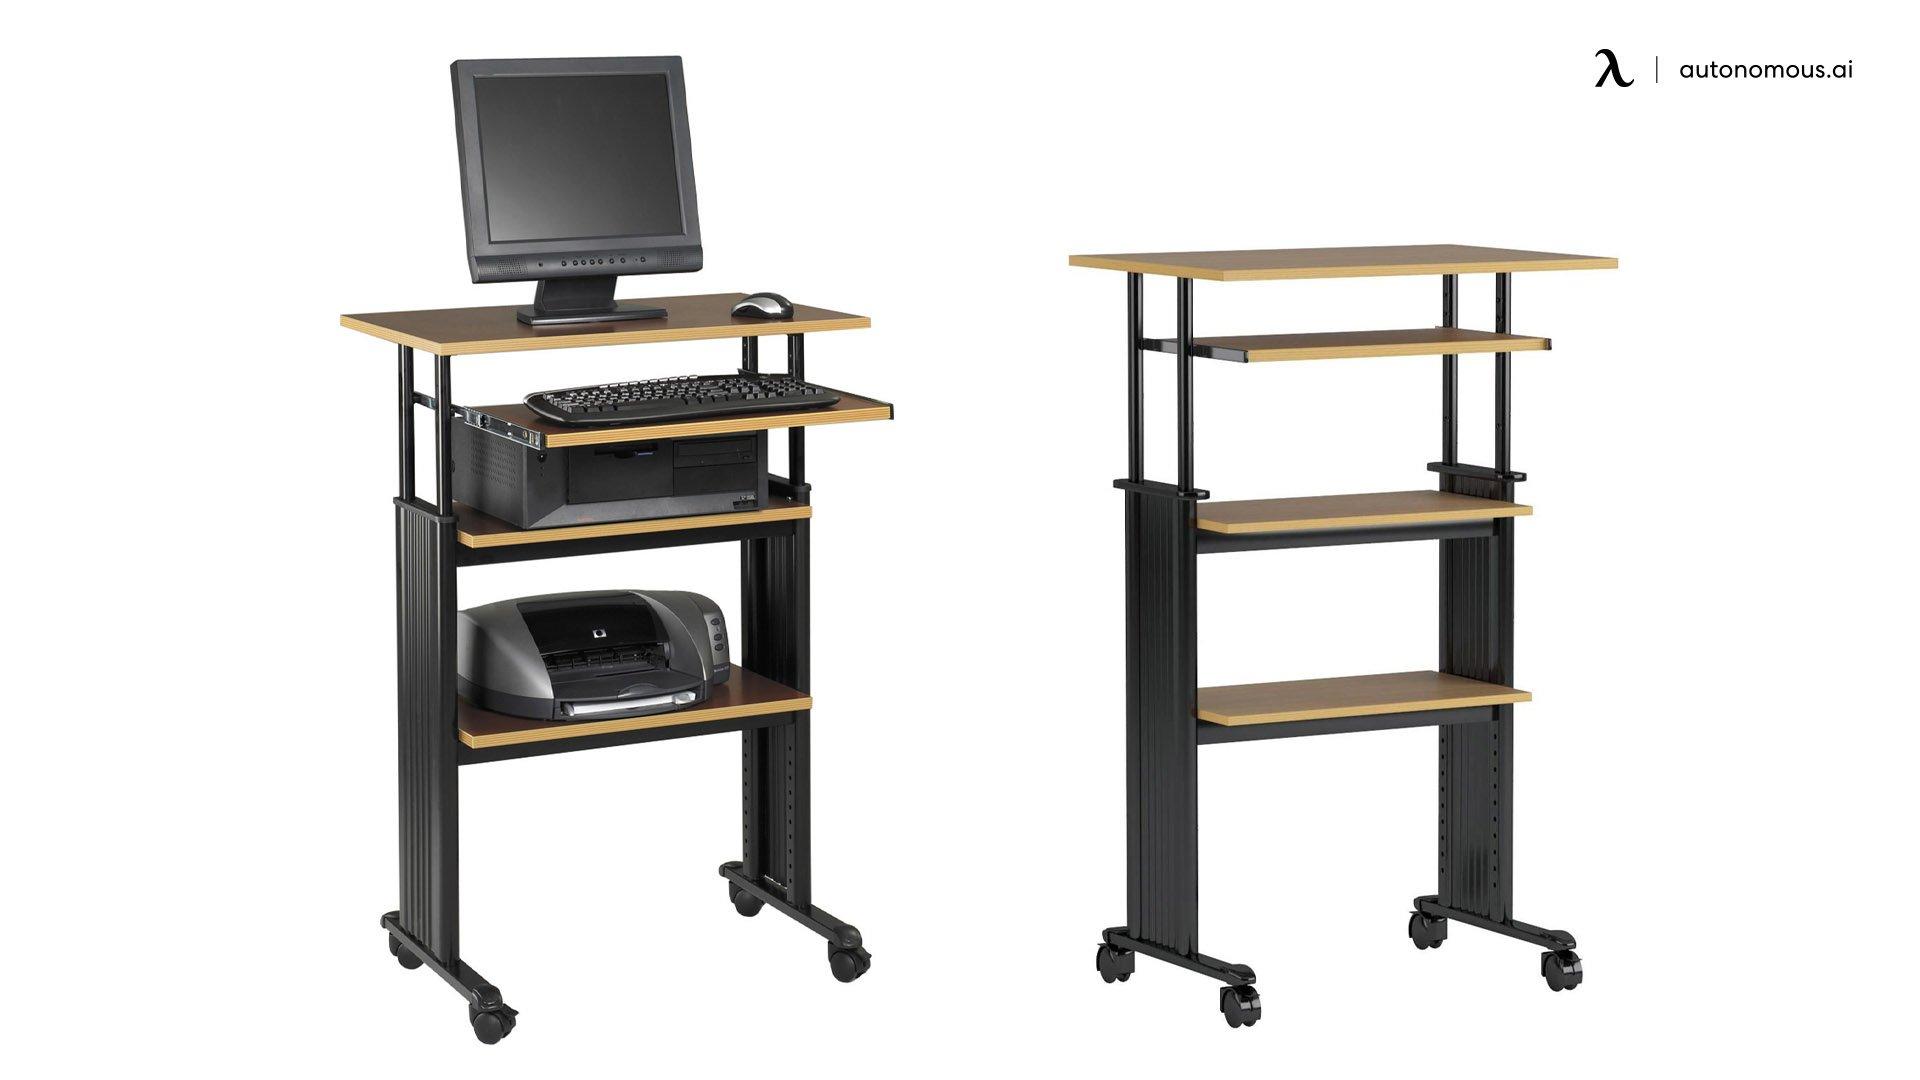 Safco Muv Adjustable Standing Desk